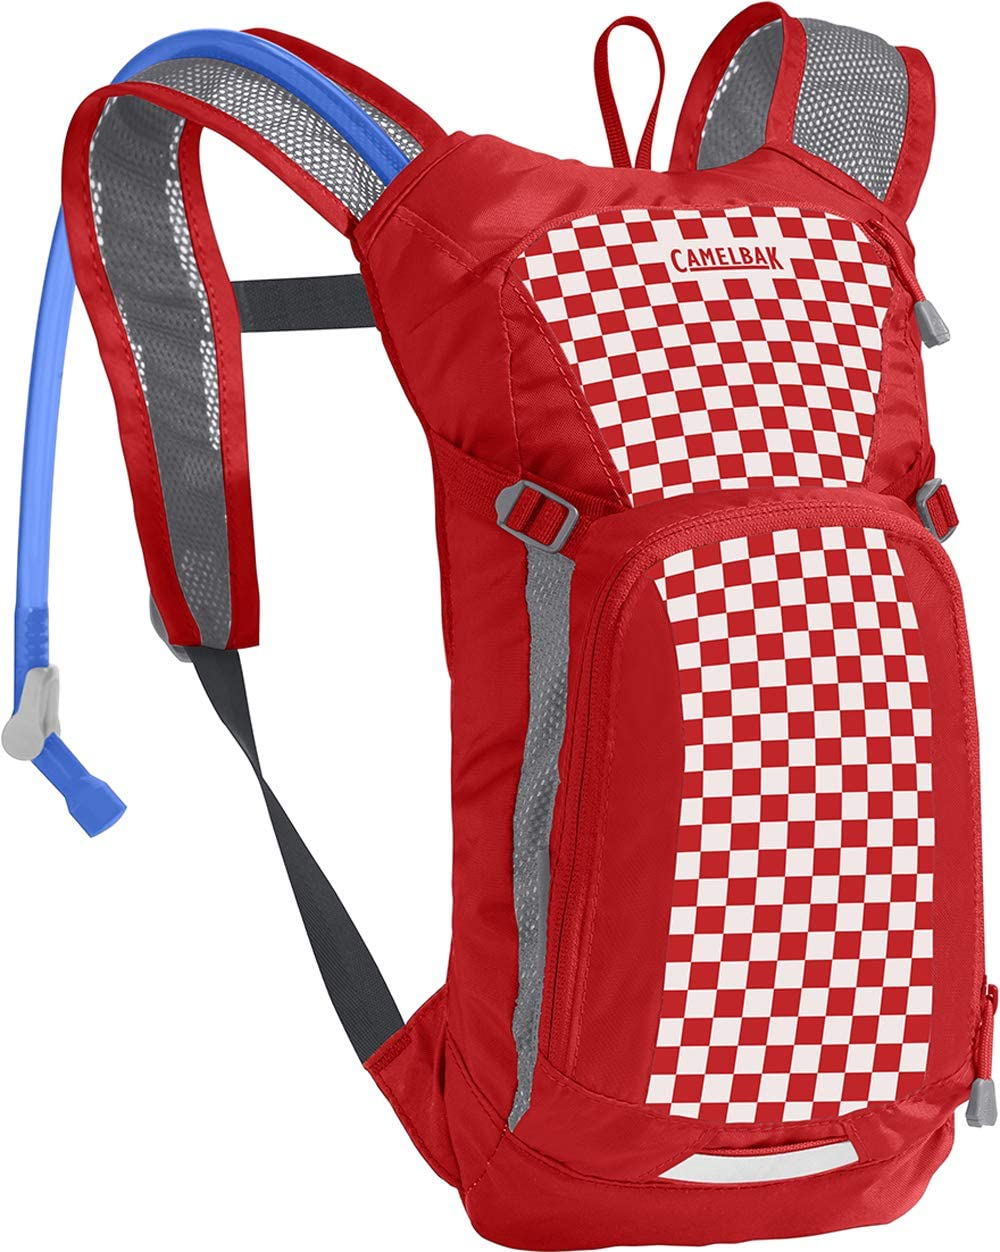 CamelBak Mini M.U.L.E 50 oz Kids Hydration Backpack